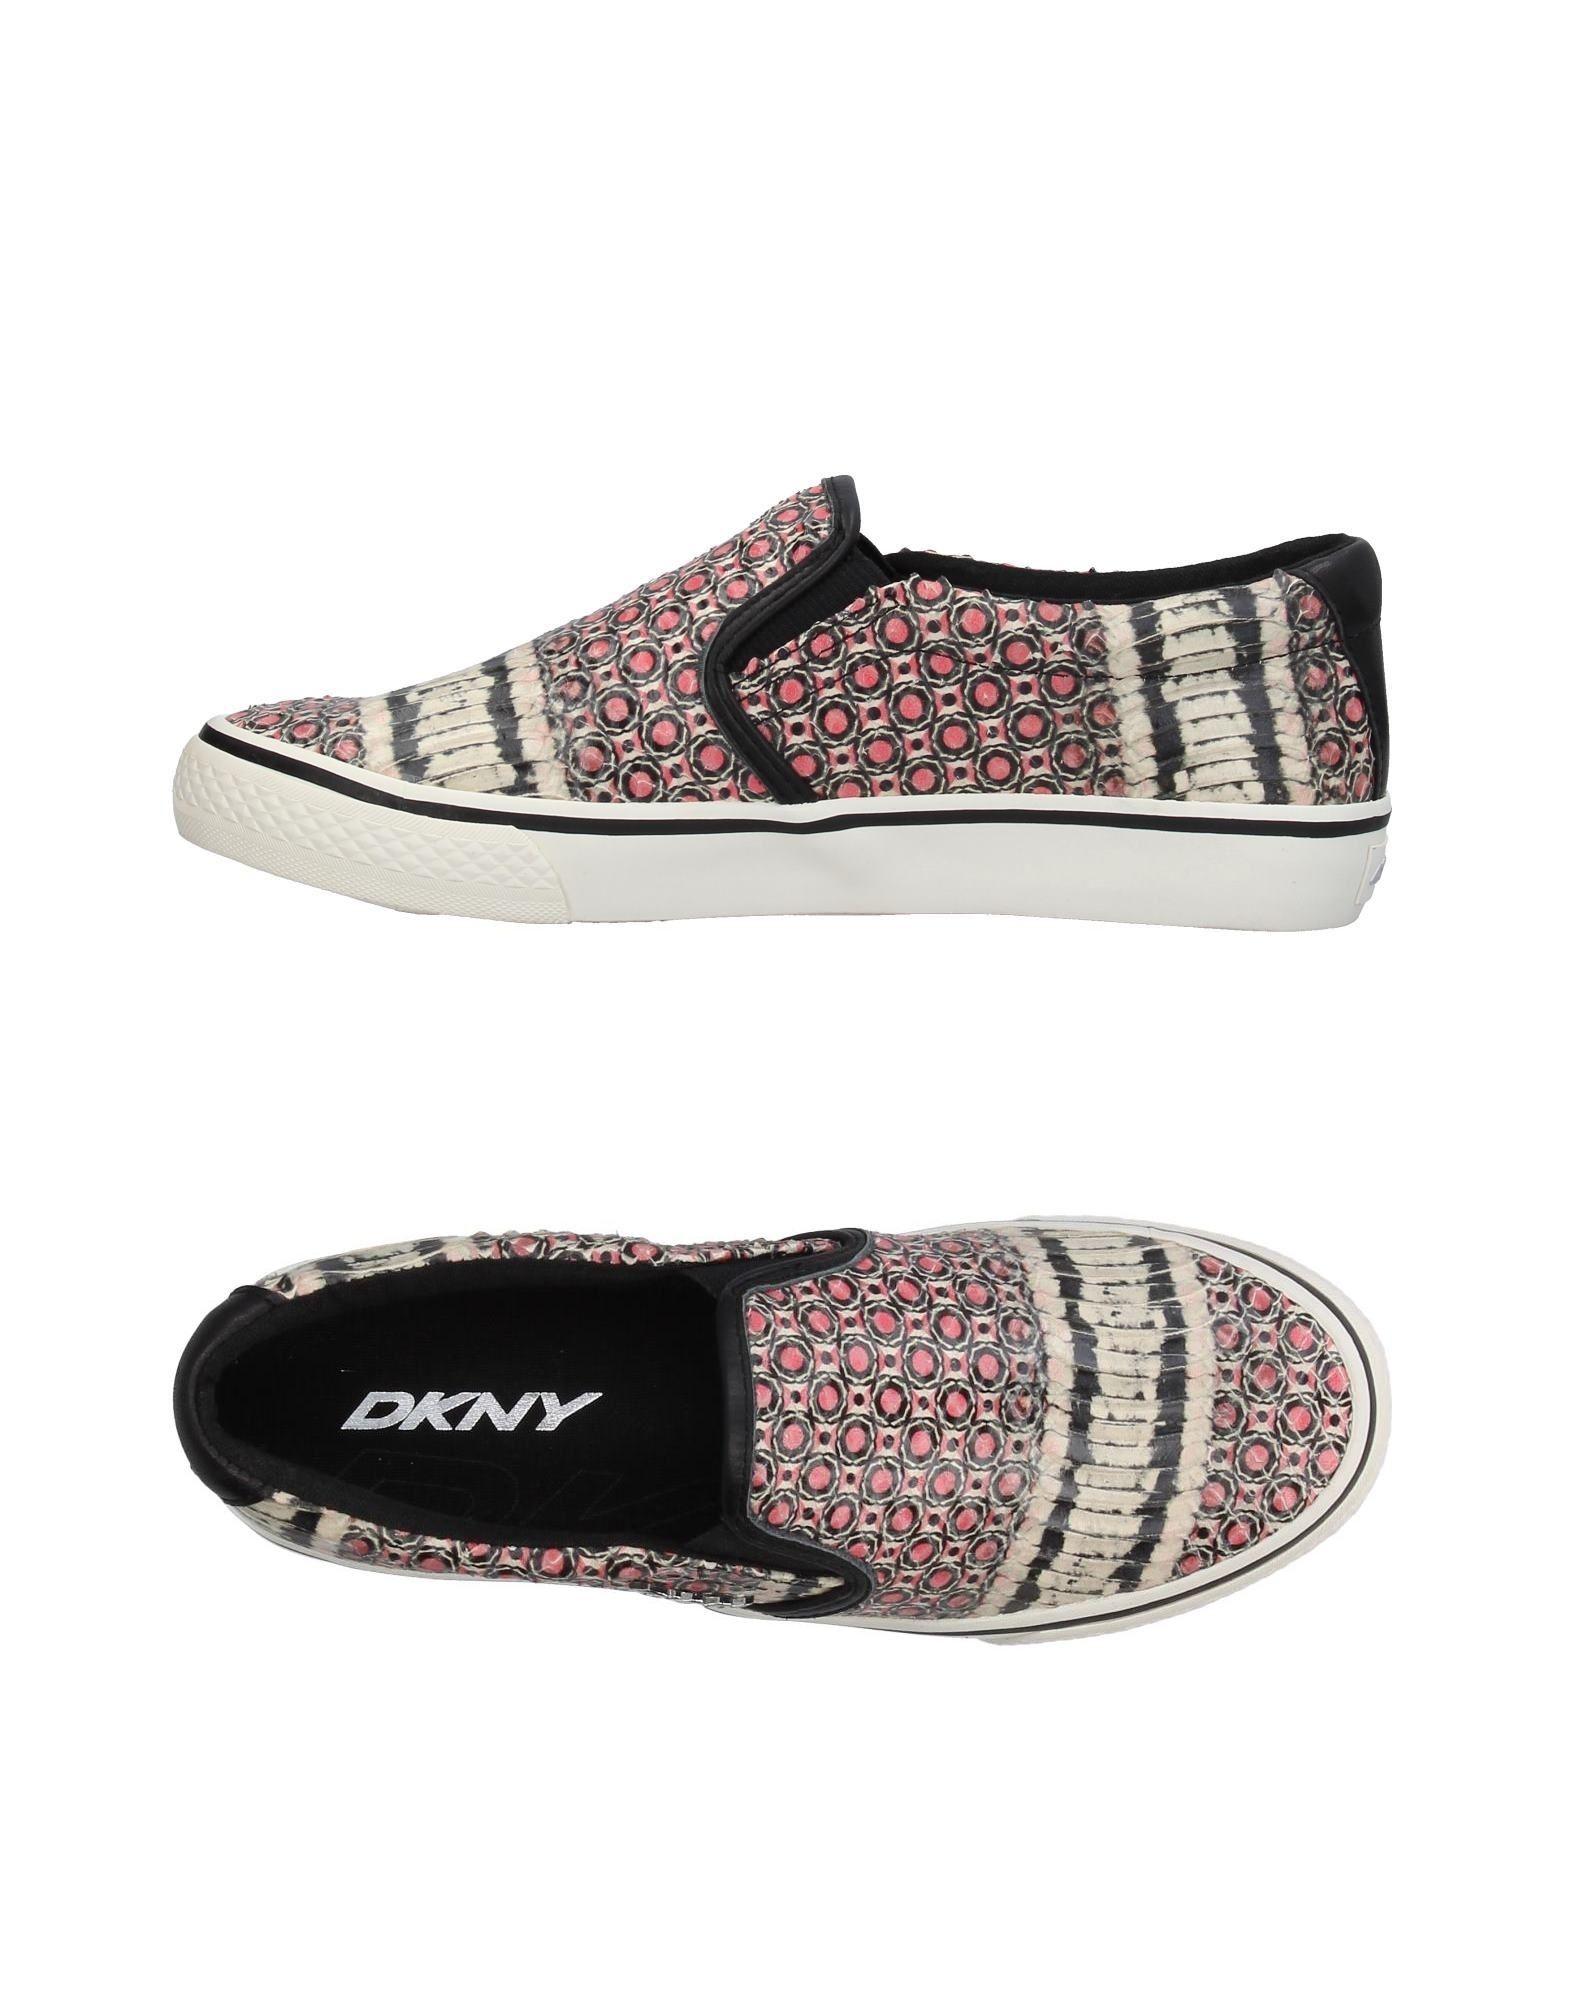 Dkny Sneakers Damen  11395049LU Gute Qualität beliebte Schuhe